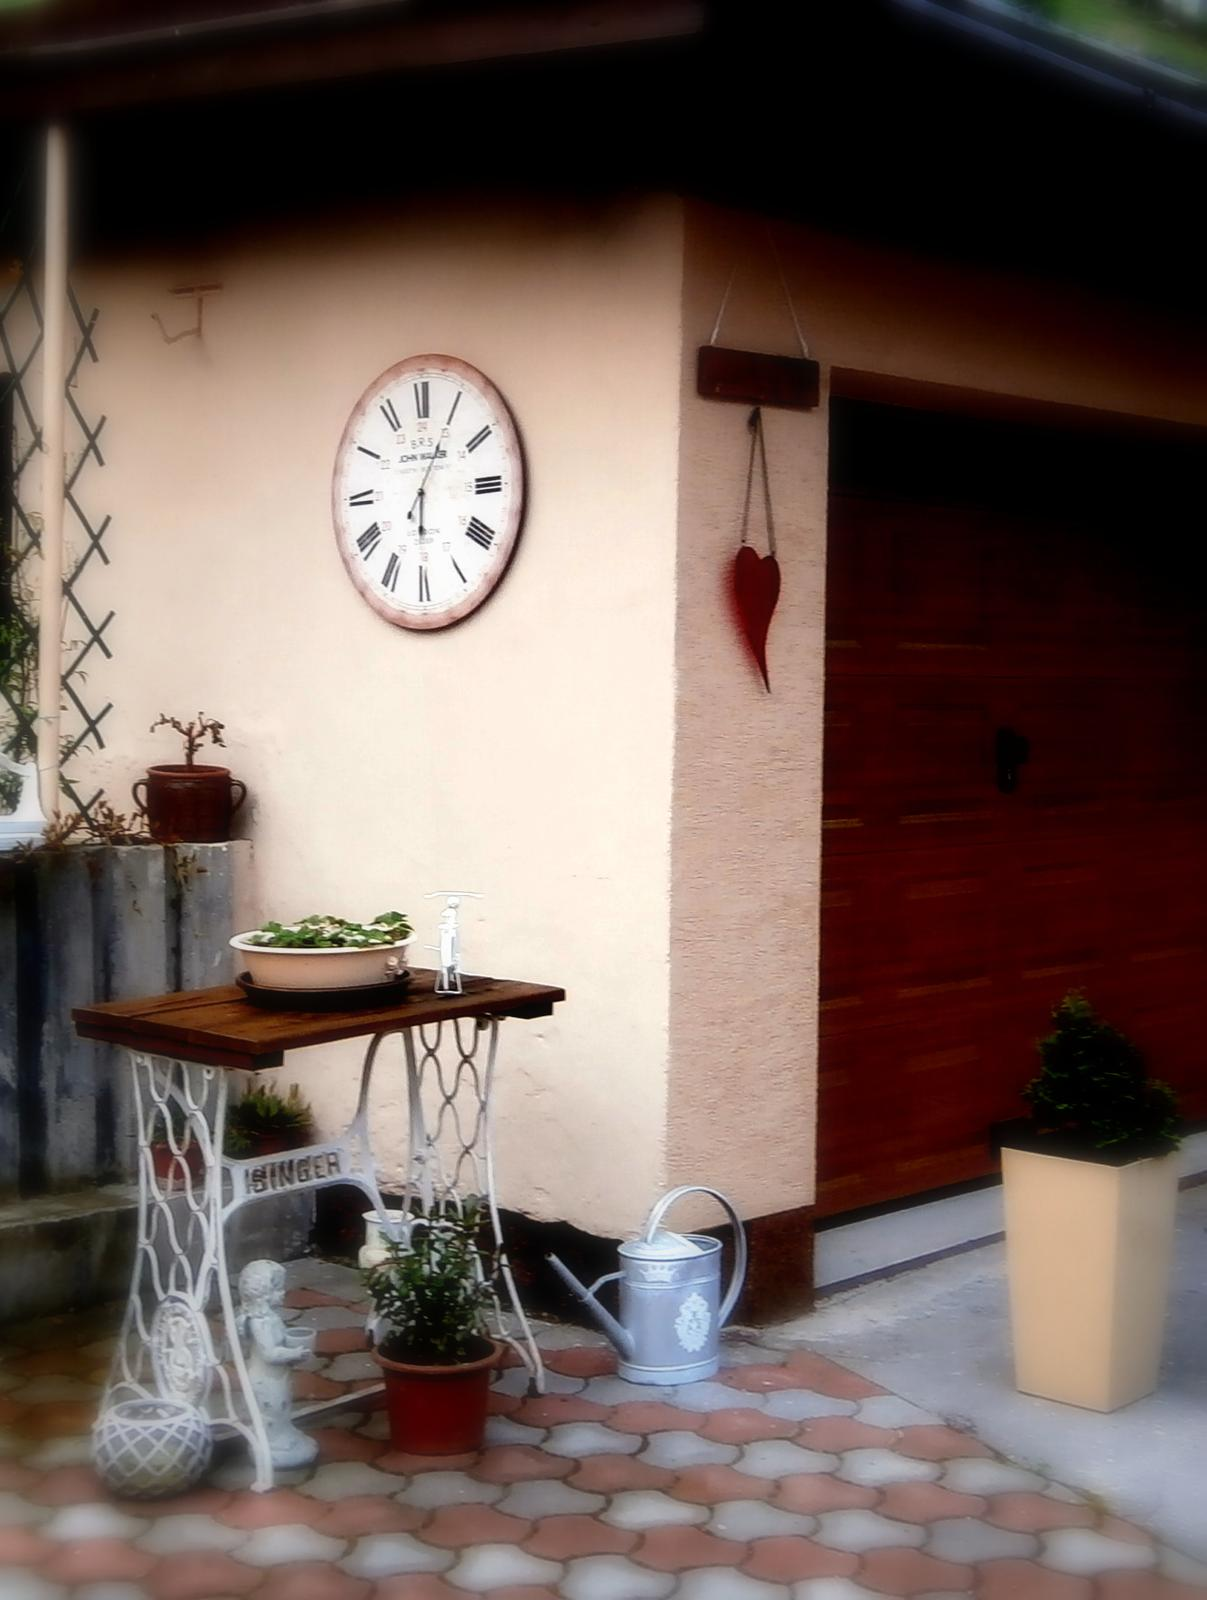 Súčasť domu-záhrada alebo, zelená je dobrá... - stará, nepoužívaná garáž dostala novú výzdobu nech nie je taká fádna...